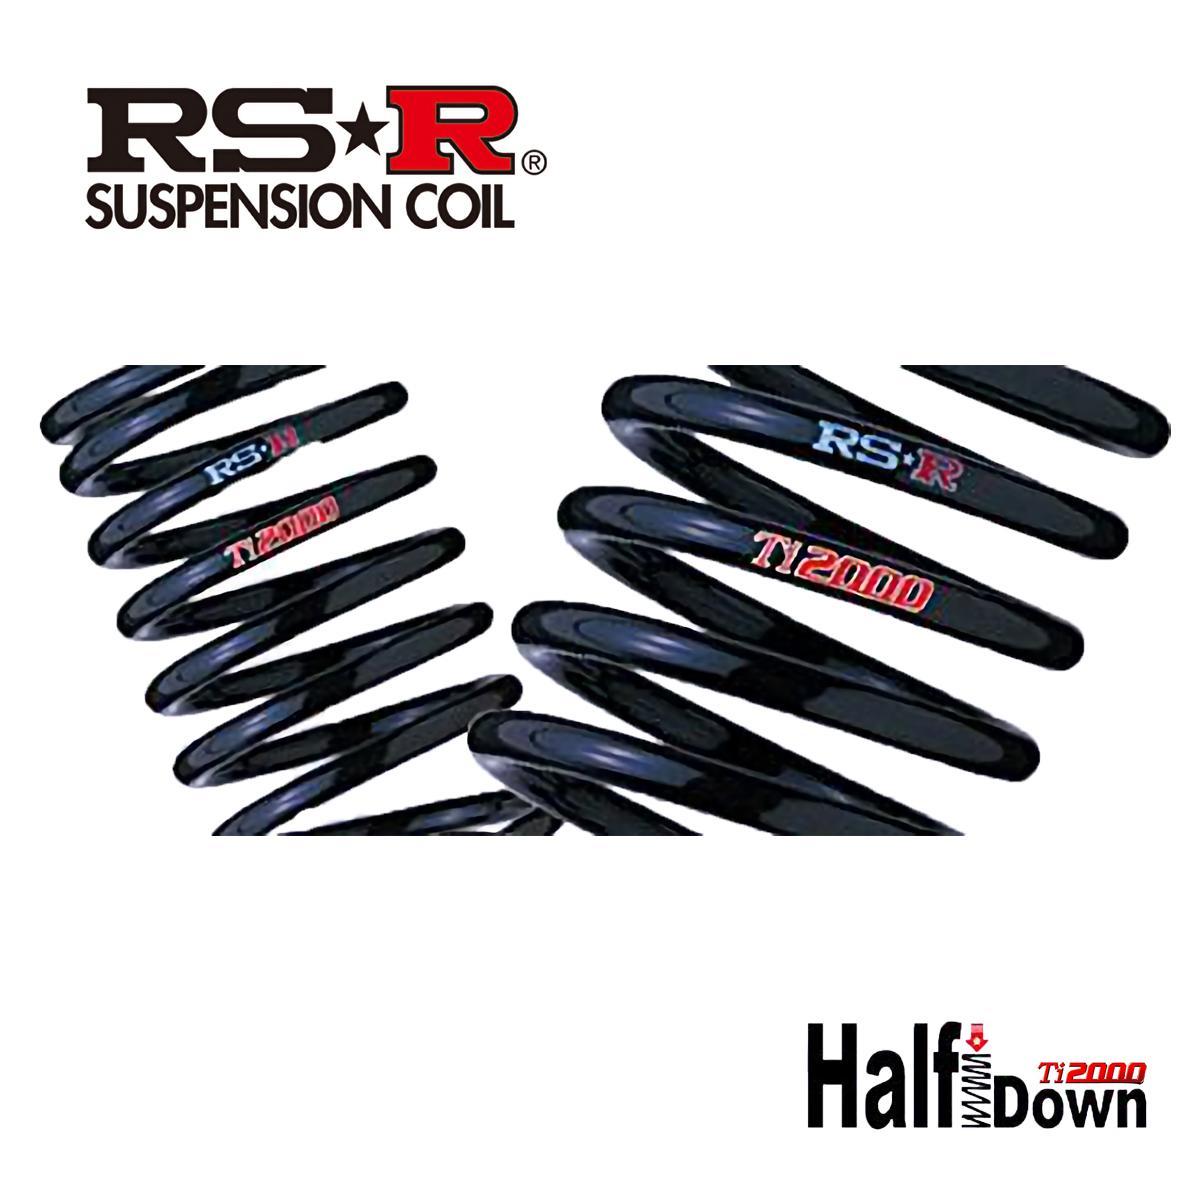 RS-R イグニス ハイブリッドMZ FF21S ダウンサス スプリング リアのみ S500THDR Ti2000 ハーフダウン RSR 個人宅発送追金有